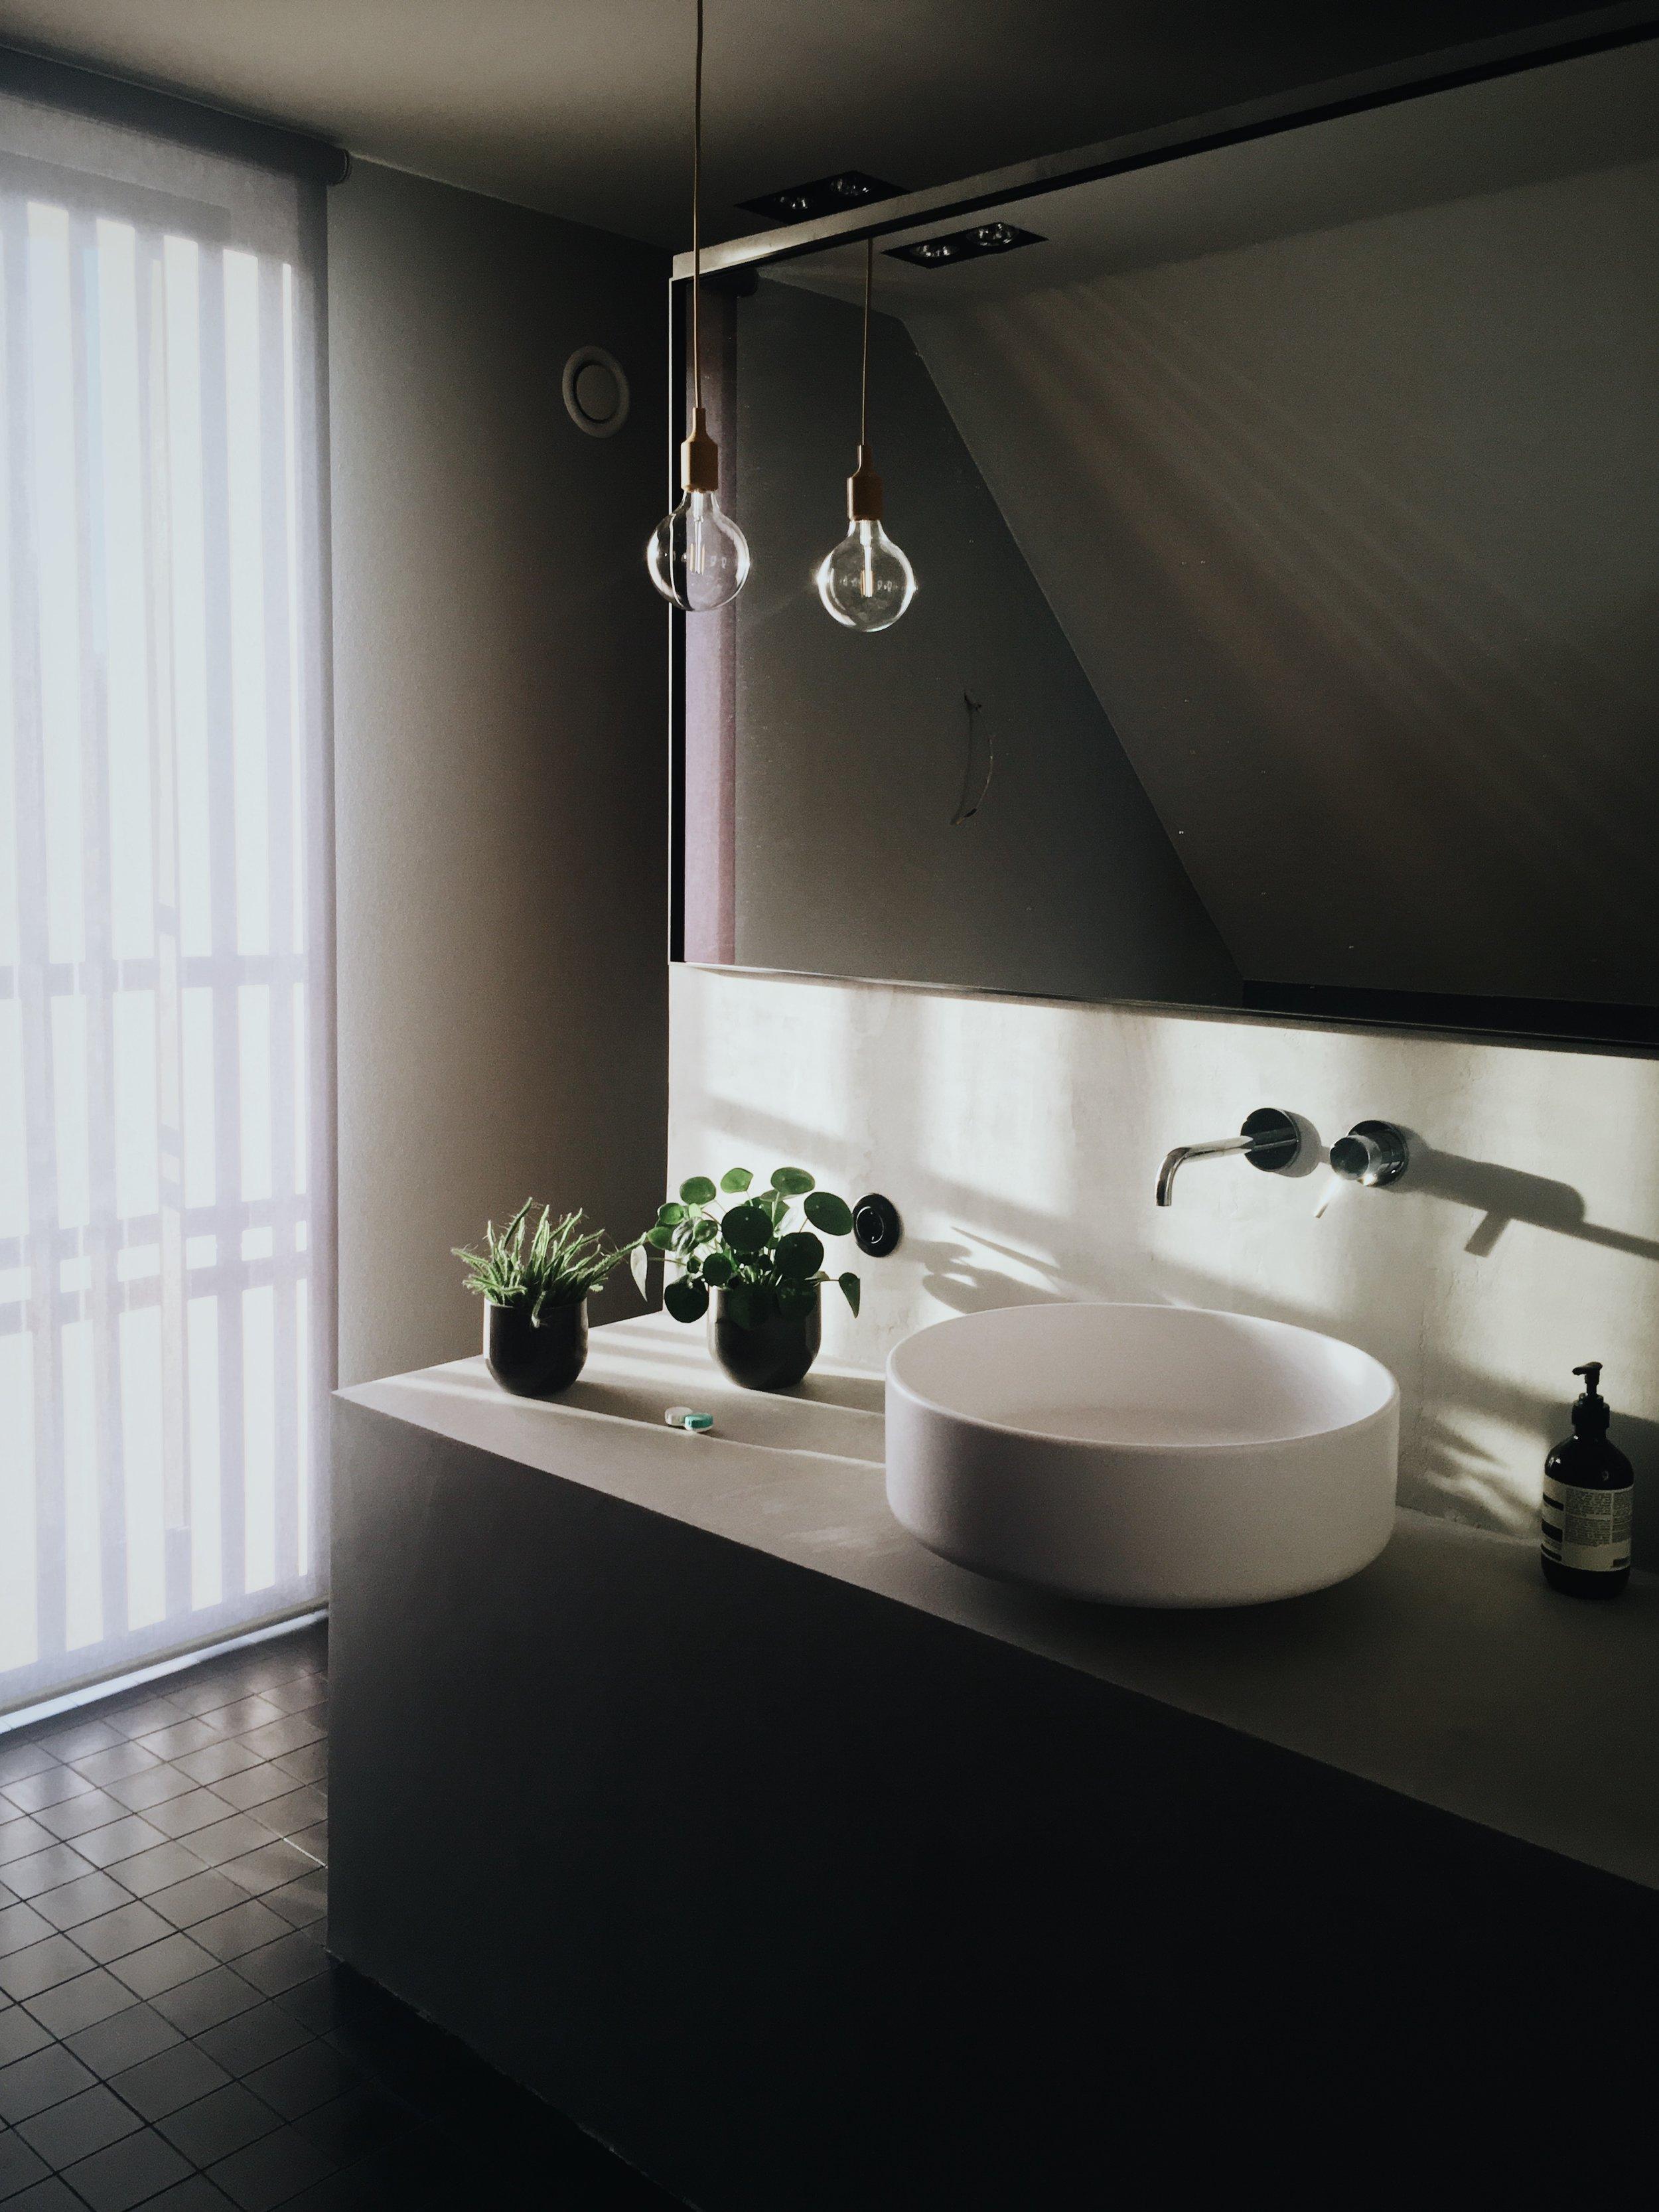 bad,vask,kjøkke,noslo,hvitevarer bad, vask, tørk, oppvaskmaskin, tørketrommel, varmepumpe, kombi, wash, folie, heltre, corian, stien, marmor, messing, kobberkrom, rose gold, black chrome, grottesco, finér, mdf, glass, benkeplater bad, baderomsfronter, badekar, toalett, vaskerom, stjernekjøkken,servant badekar,dusj, duravit, strømberg, nibu, tapwell, showroom aeg, eletrolux, zanussi, røroshette, garderobe, oppussing